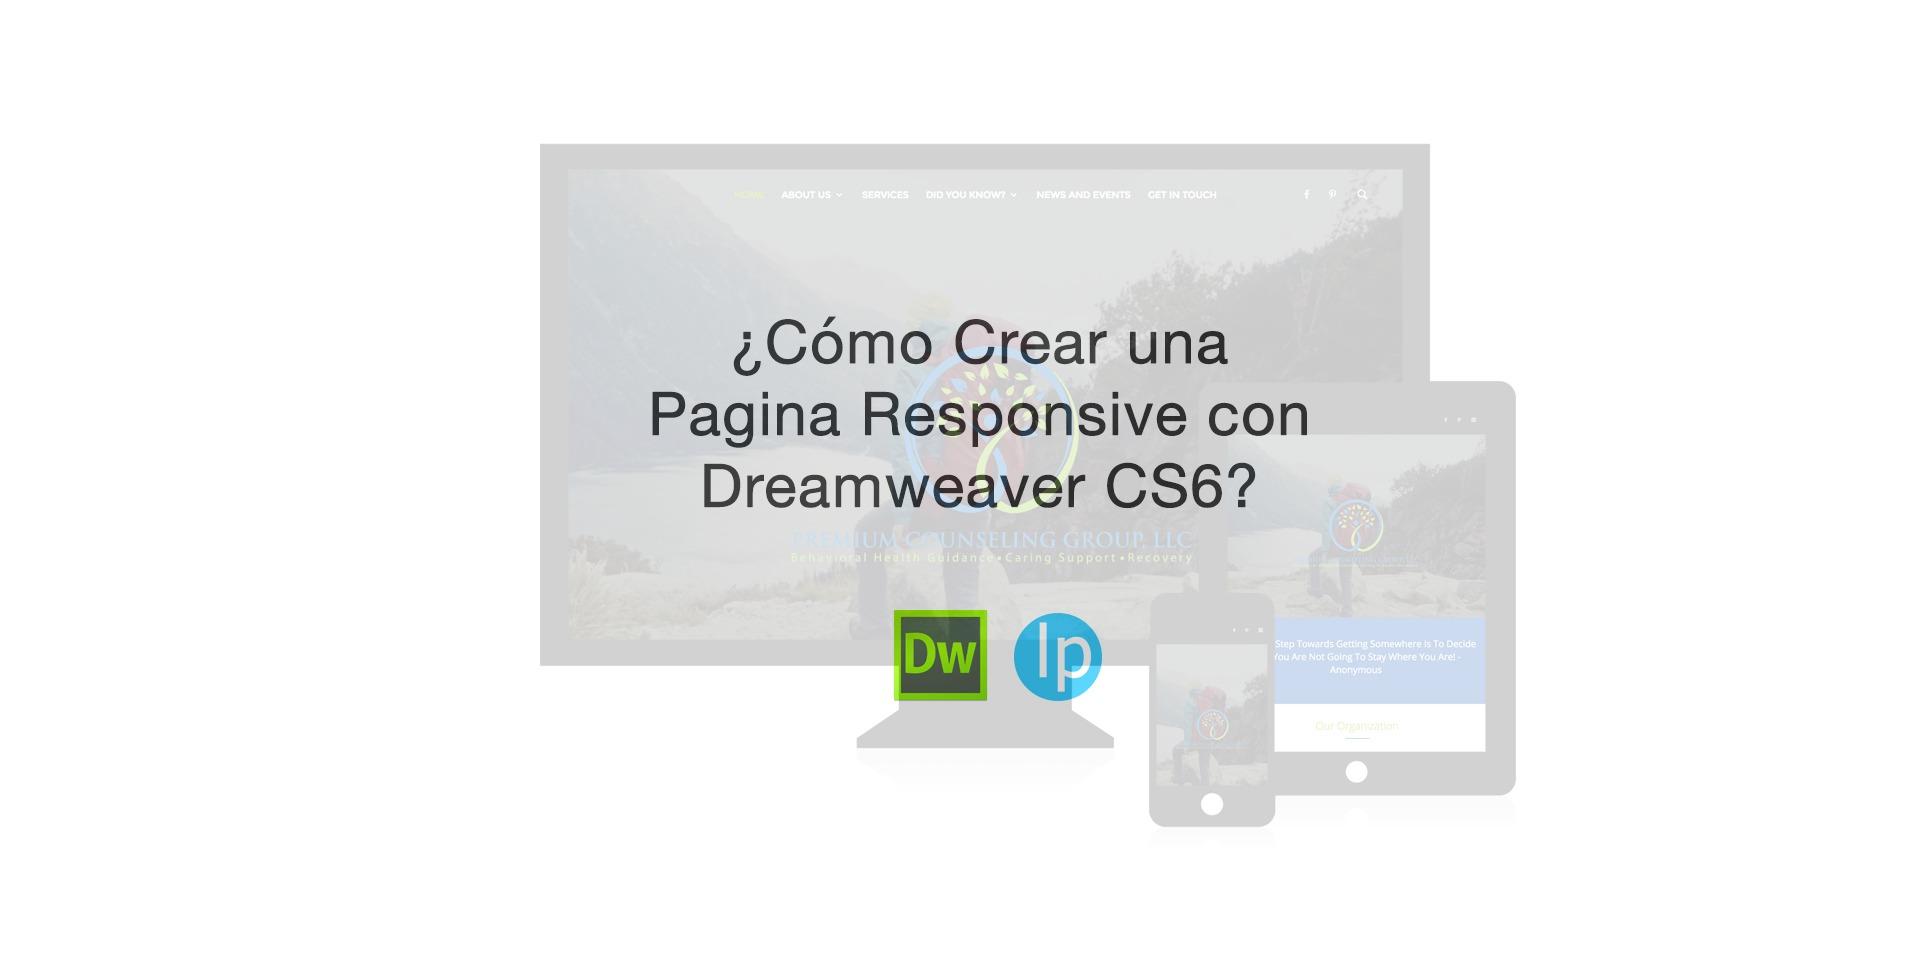 ¿Cómo Crear Páginas Web Responsive con Dreamweaver?